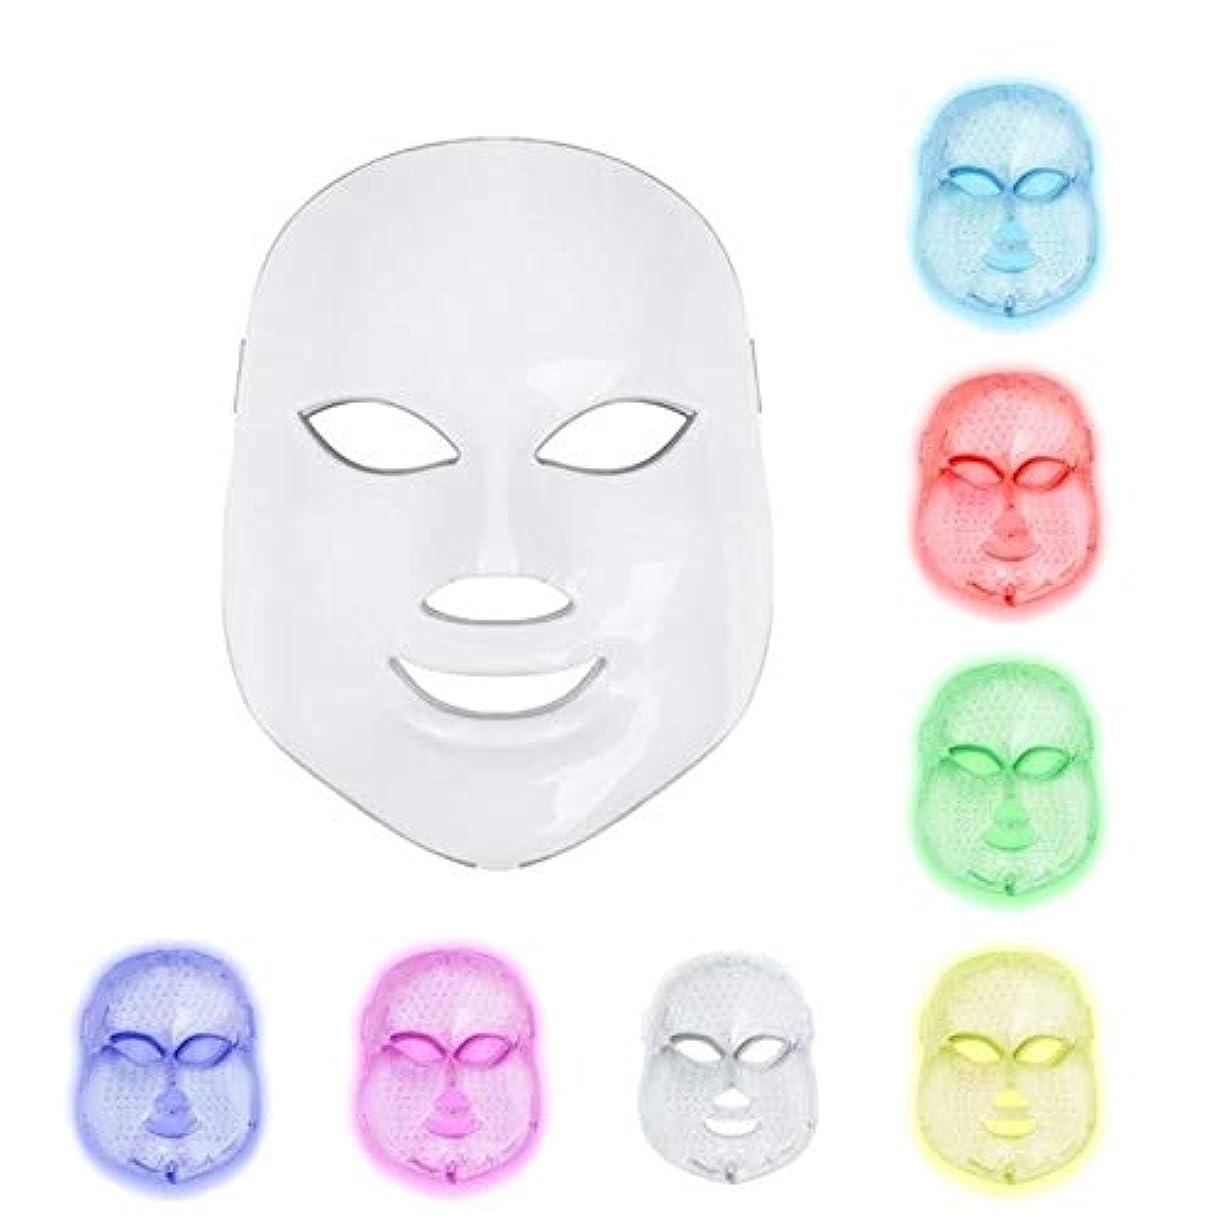 パークスティックくるみLed光子療法7色光治療肌の若返りにきびスポットしわホワイトニング美顔術デイリースキンケアマスク